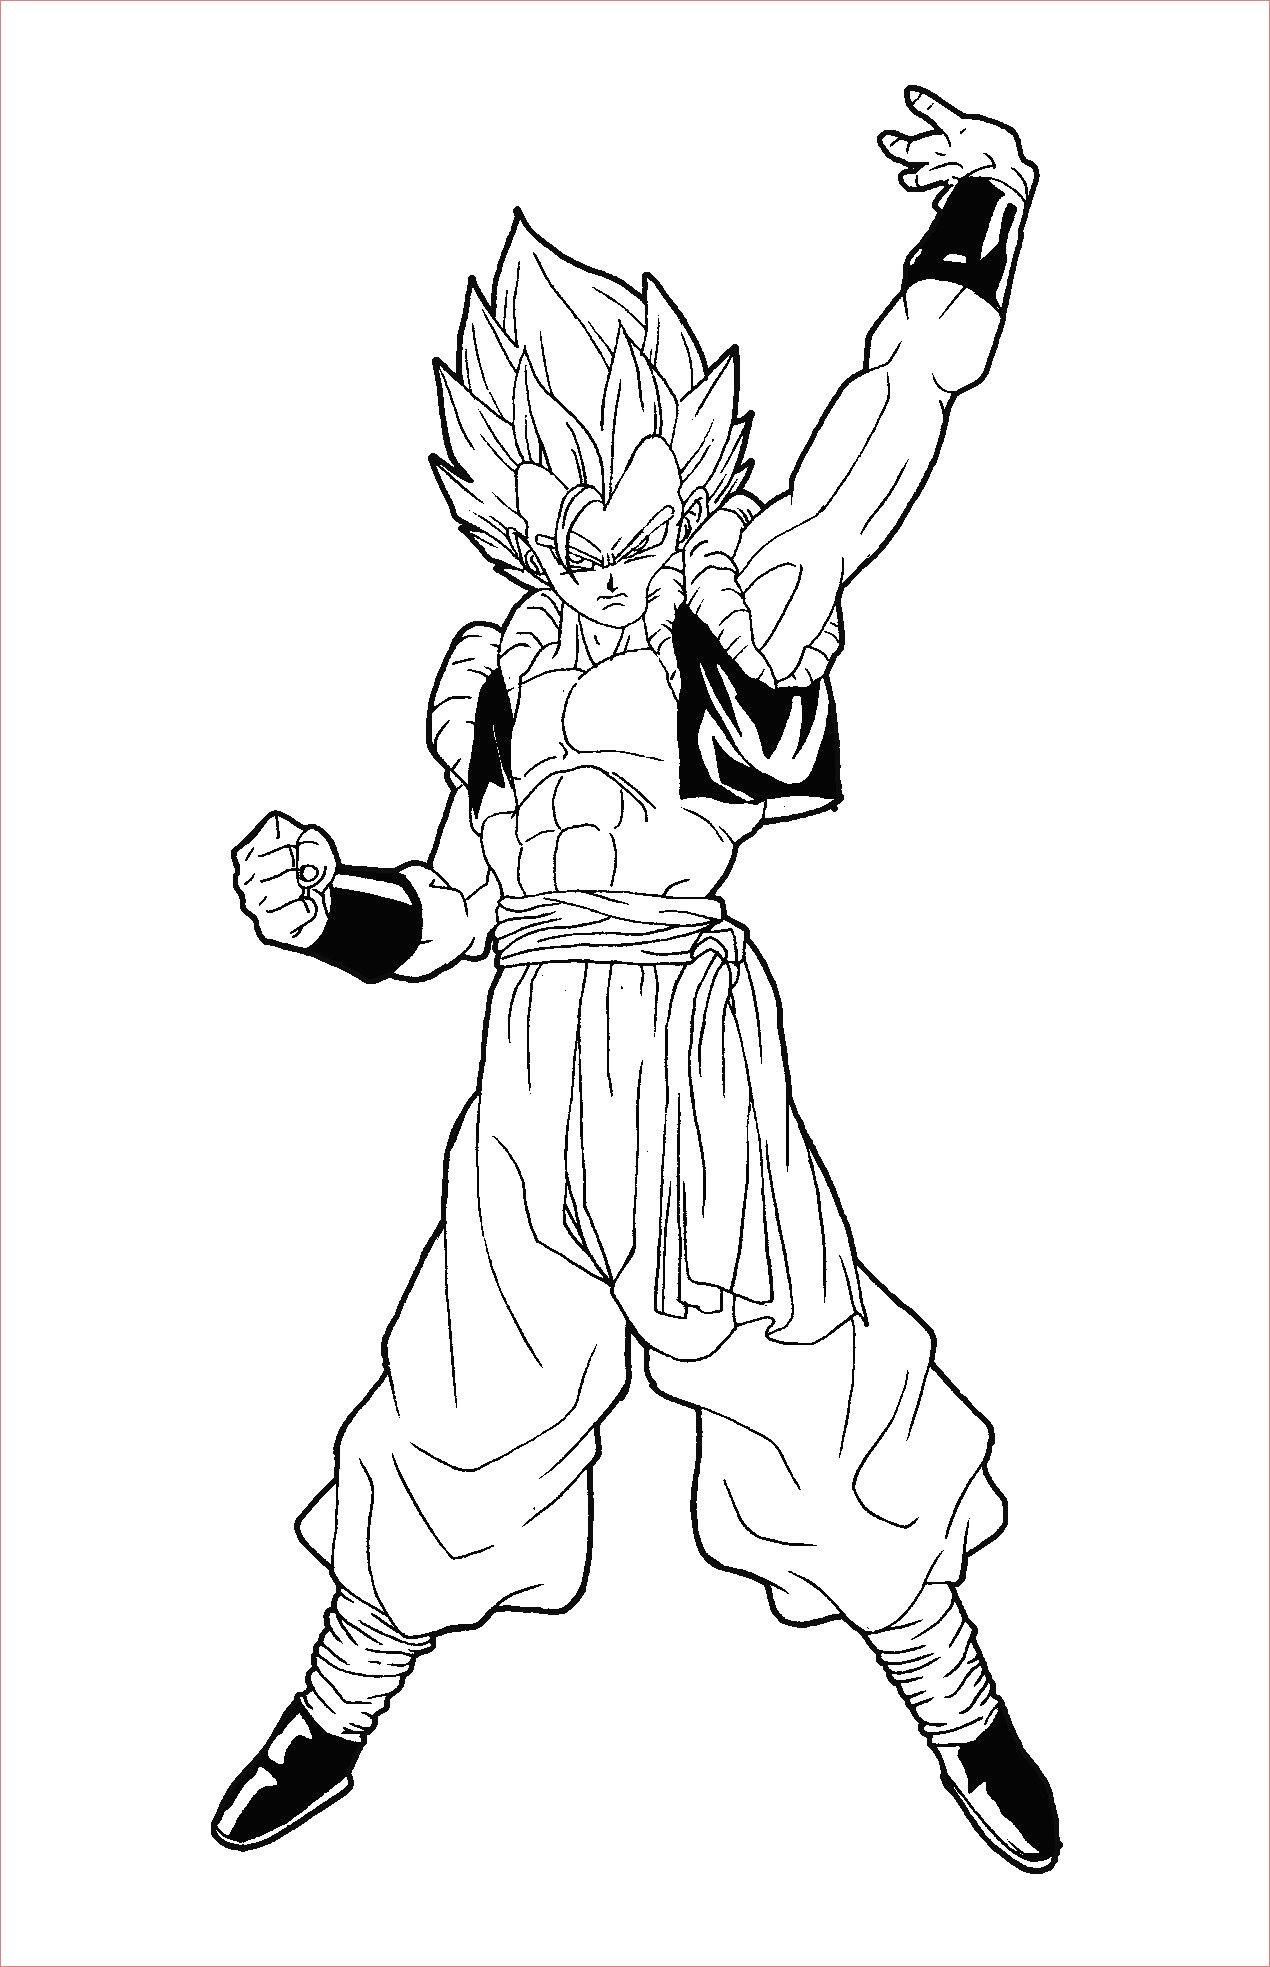 Colora Dragon Ball Super Broly E Scopri Tante Altre Immagini E Disegni Da Colorare Con Tutti I Personaggi Del Film Che R Disegni Da Colorare Dragon Ball Dragon